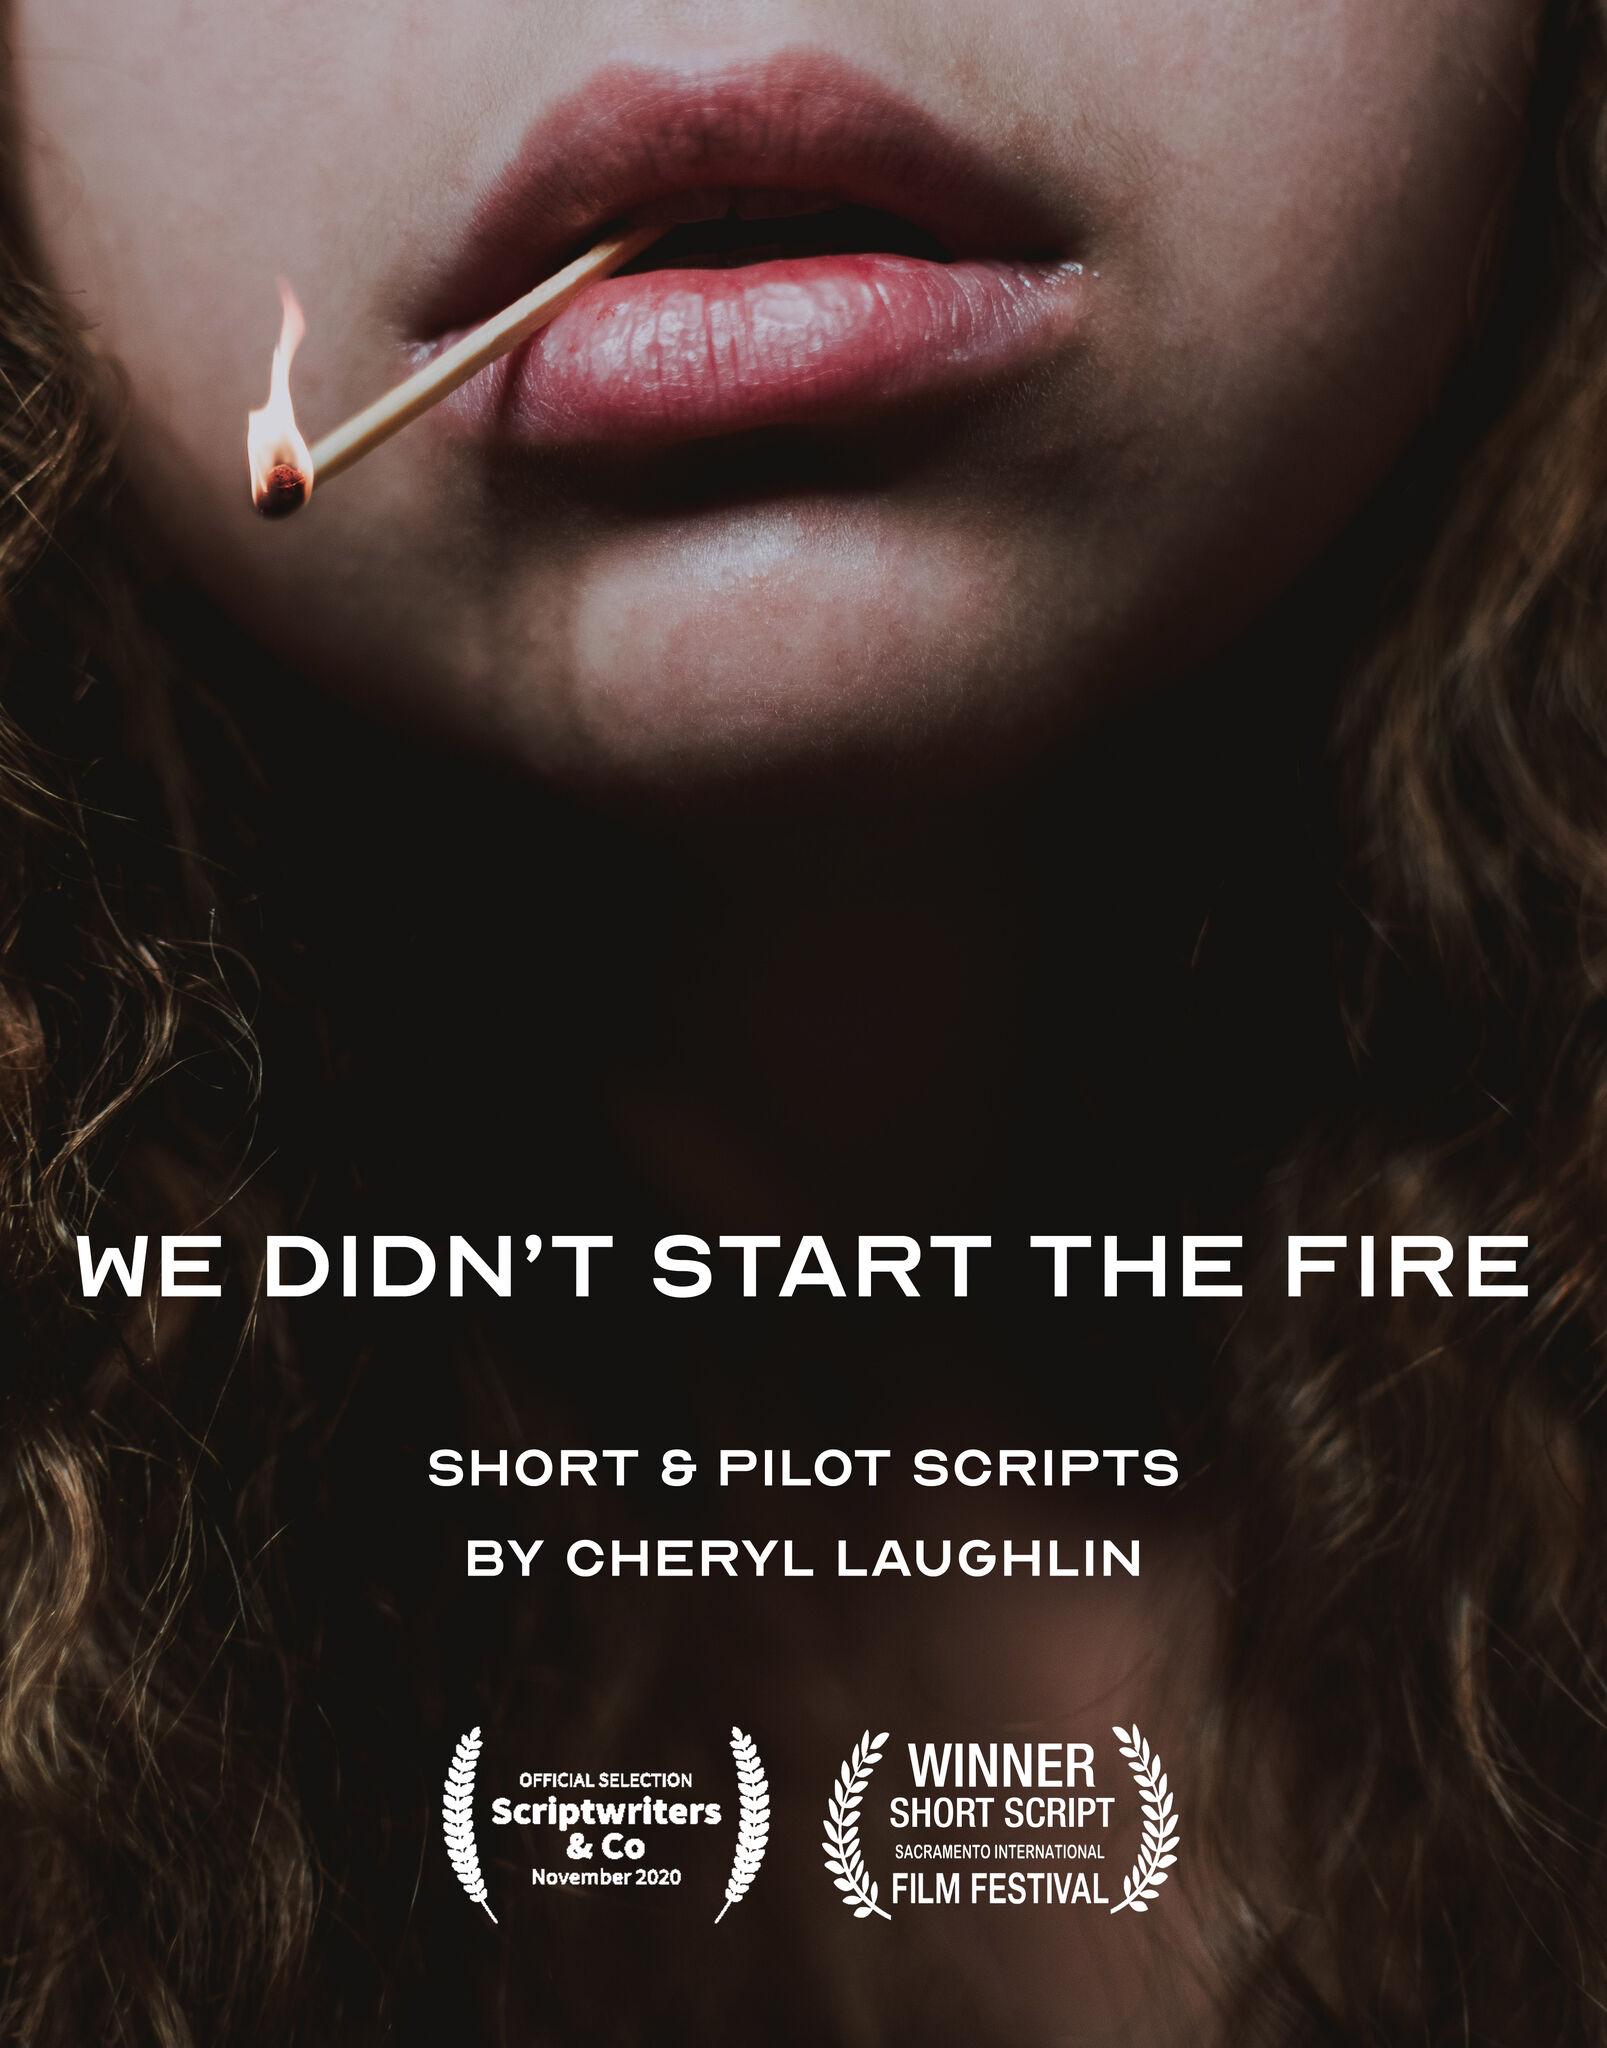 WE DIDN'T START THE FIRE - SHORT & PILOT